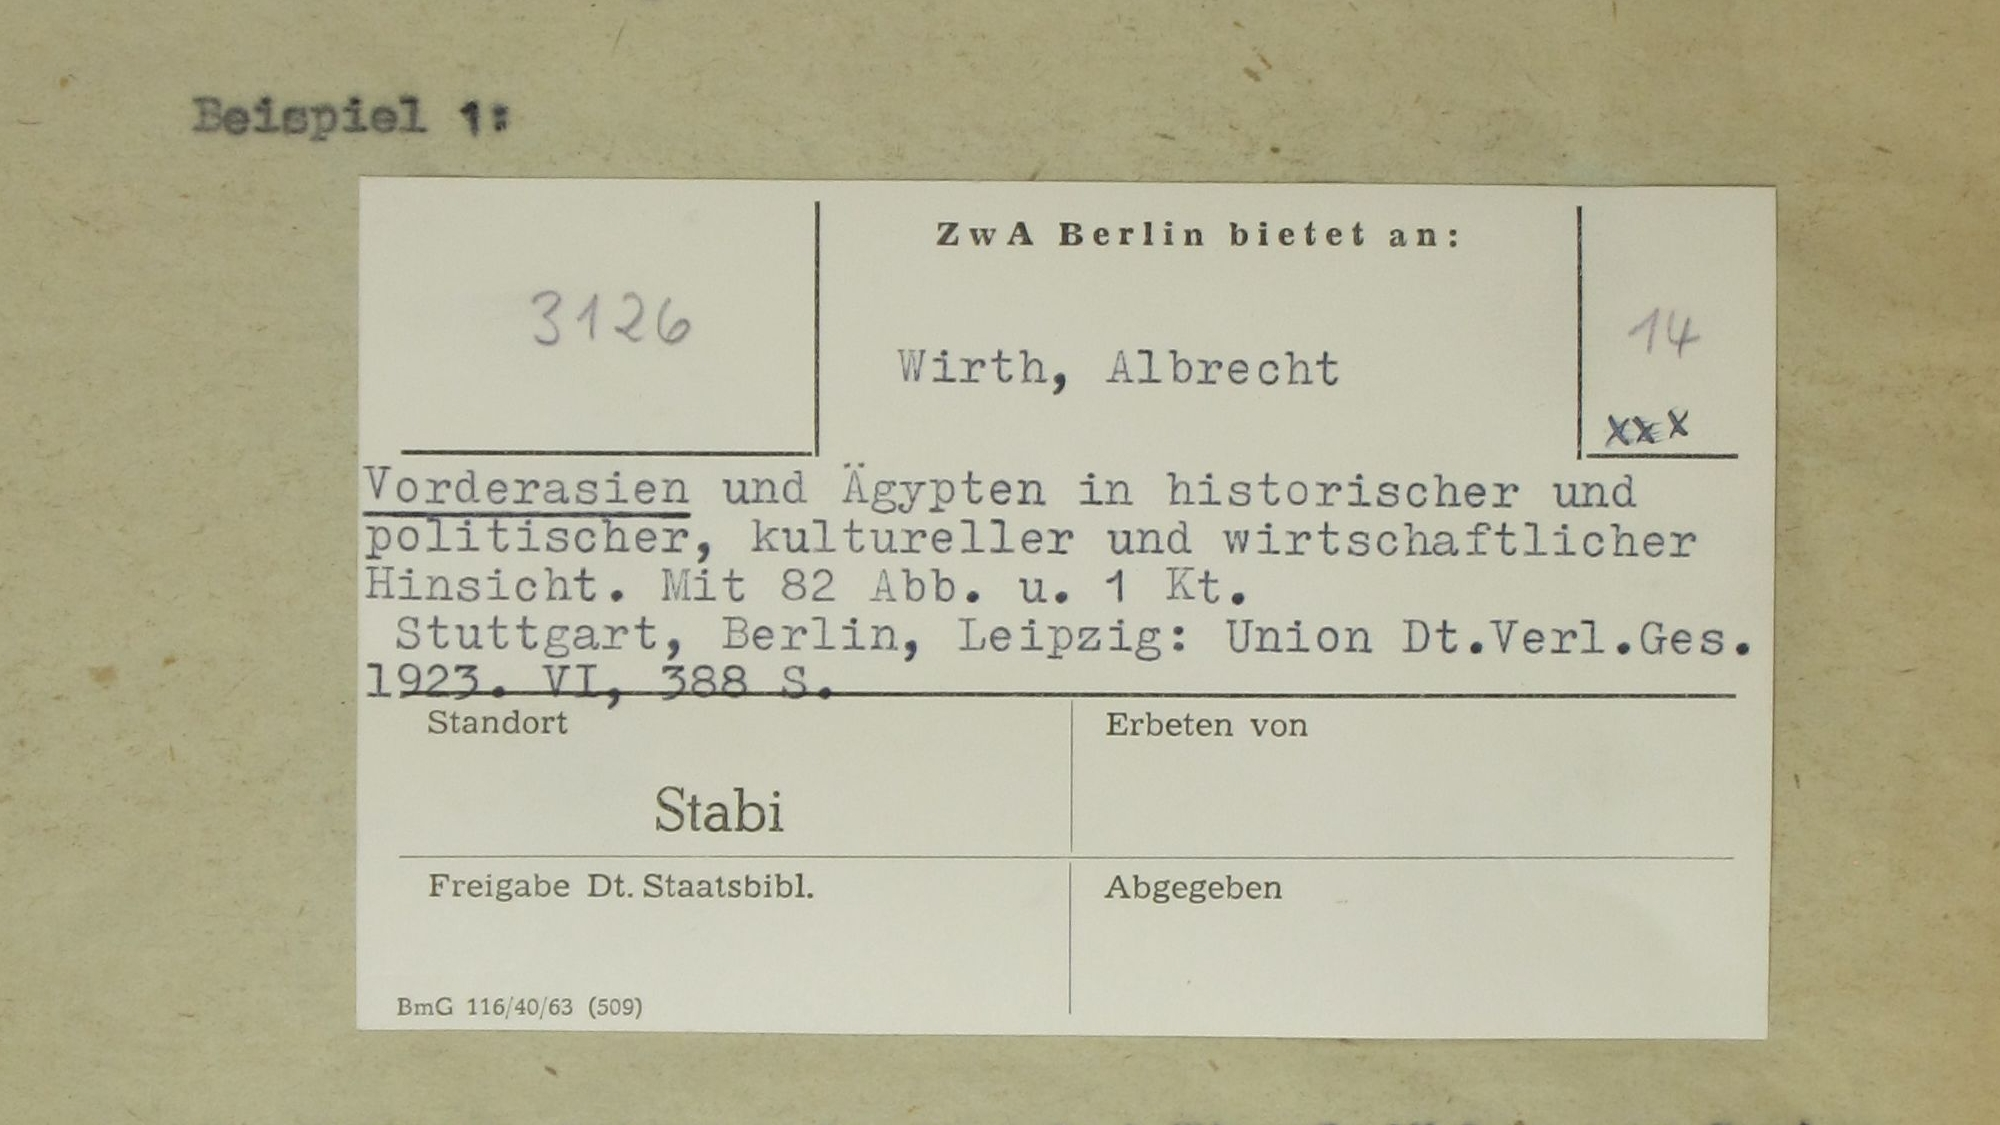 ZwA Berlin, Beispiel